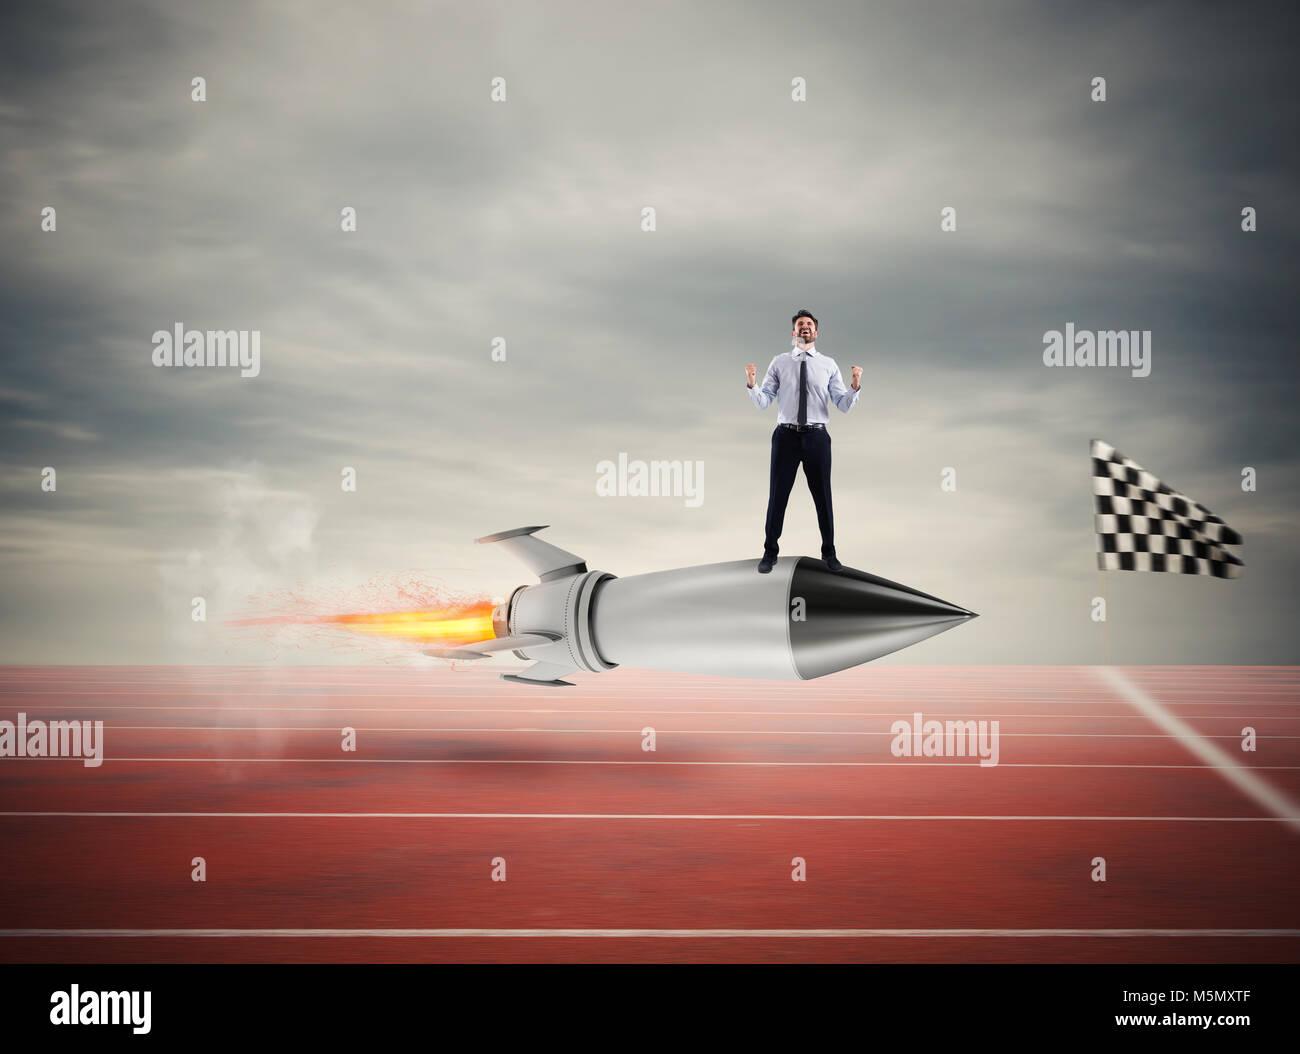 Sieger Geschäftsmann über eine schnelle Rakete. Konzept der Business Wettbewerb Stockbild